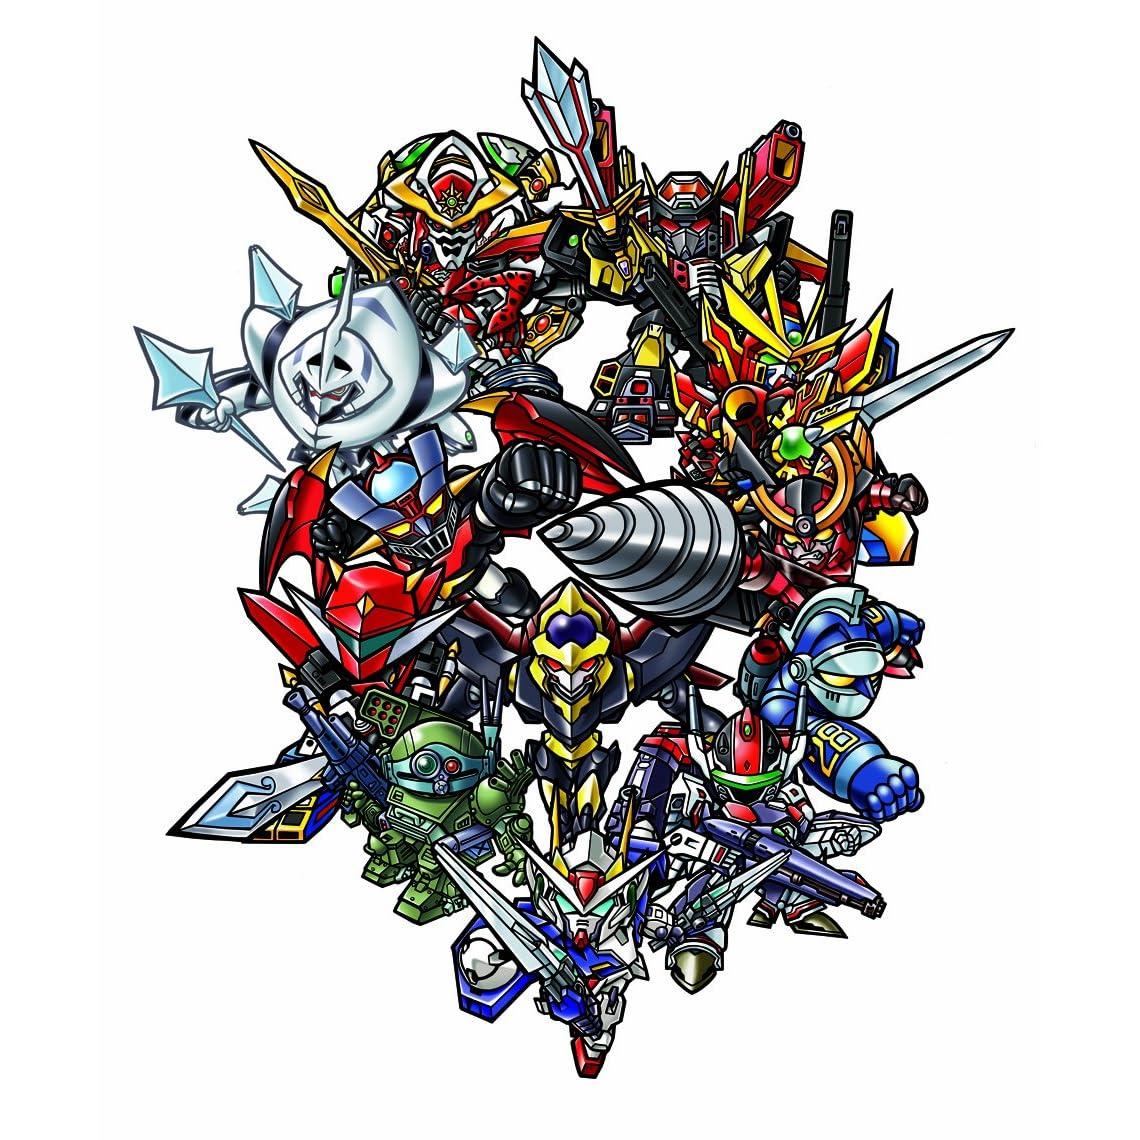 ロボット帝国は機械生命体つながりでゼラバイアと共闘な。